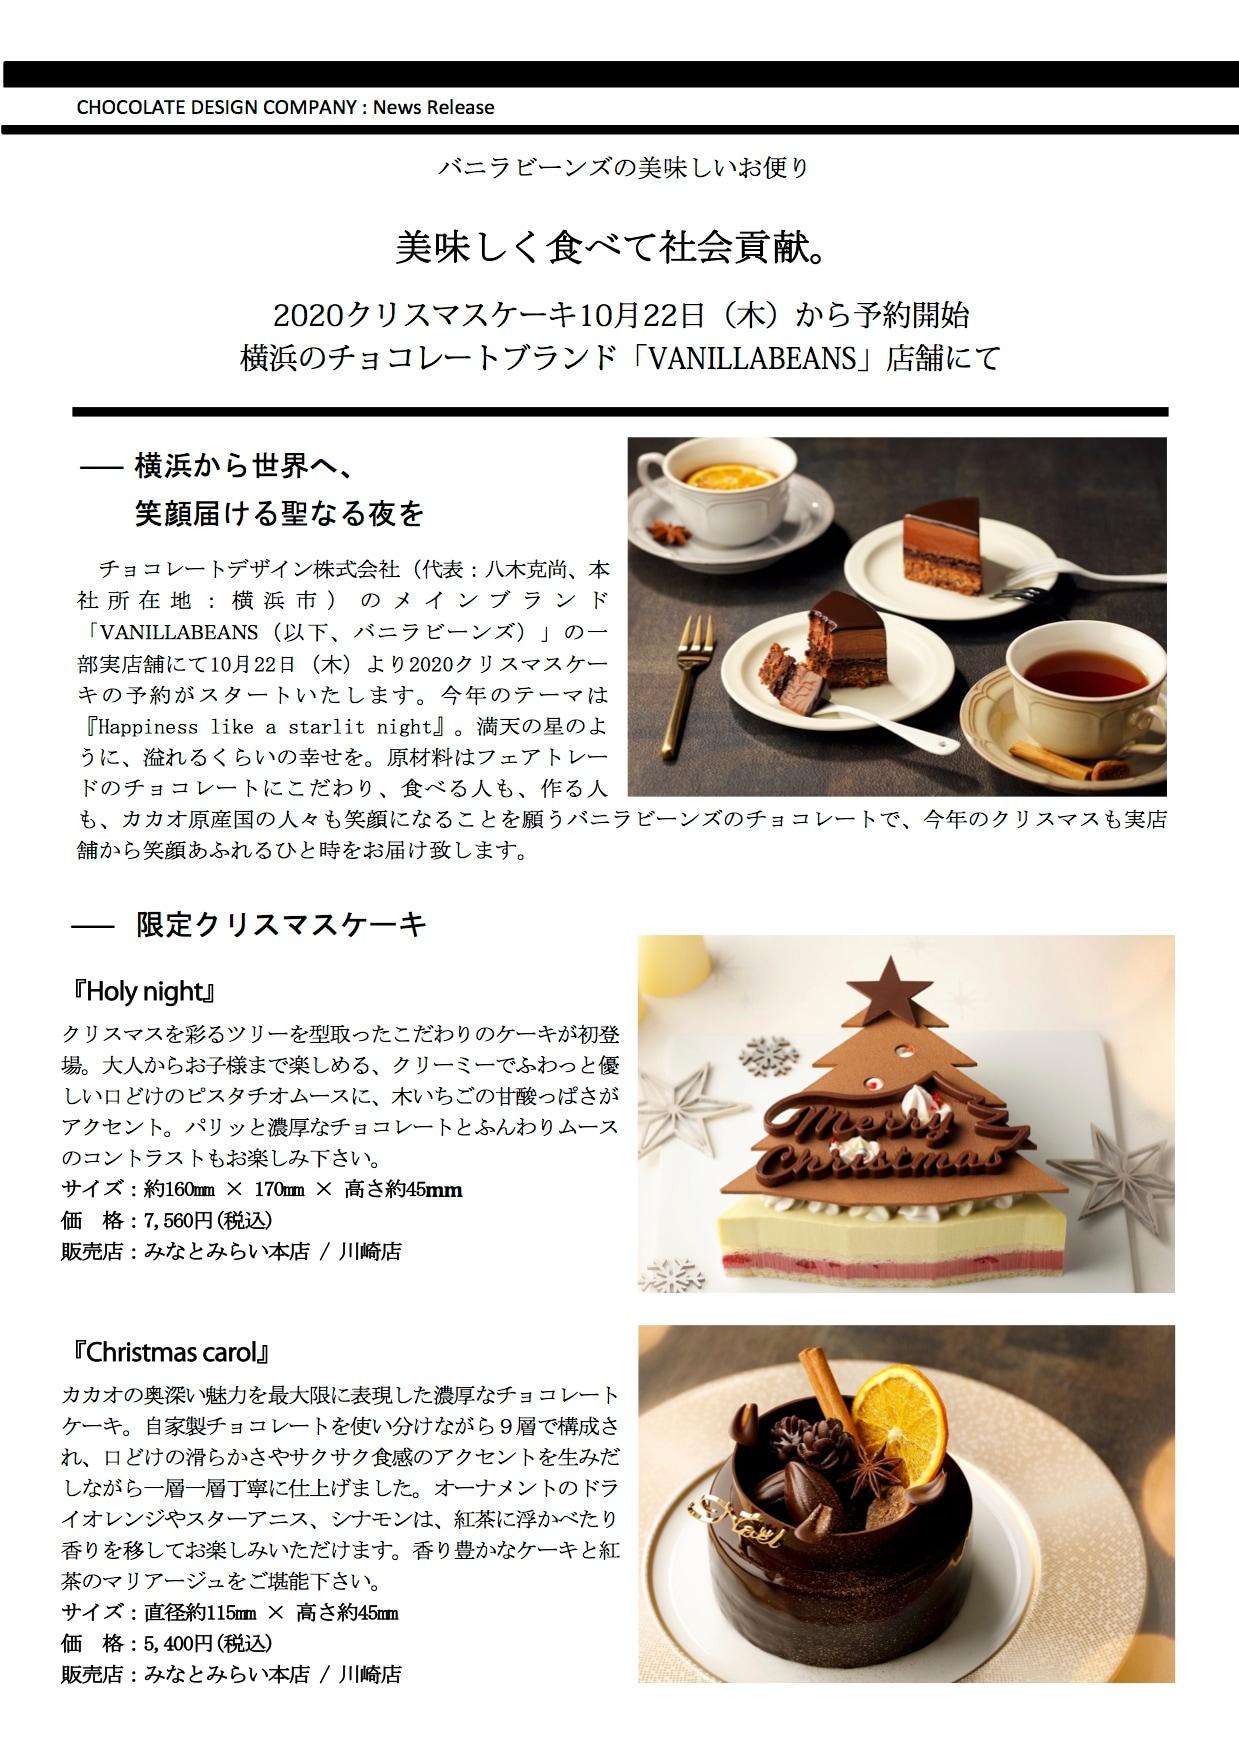 の バニラ ビーンズ 横浜 チョコレート